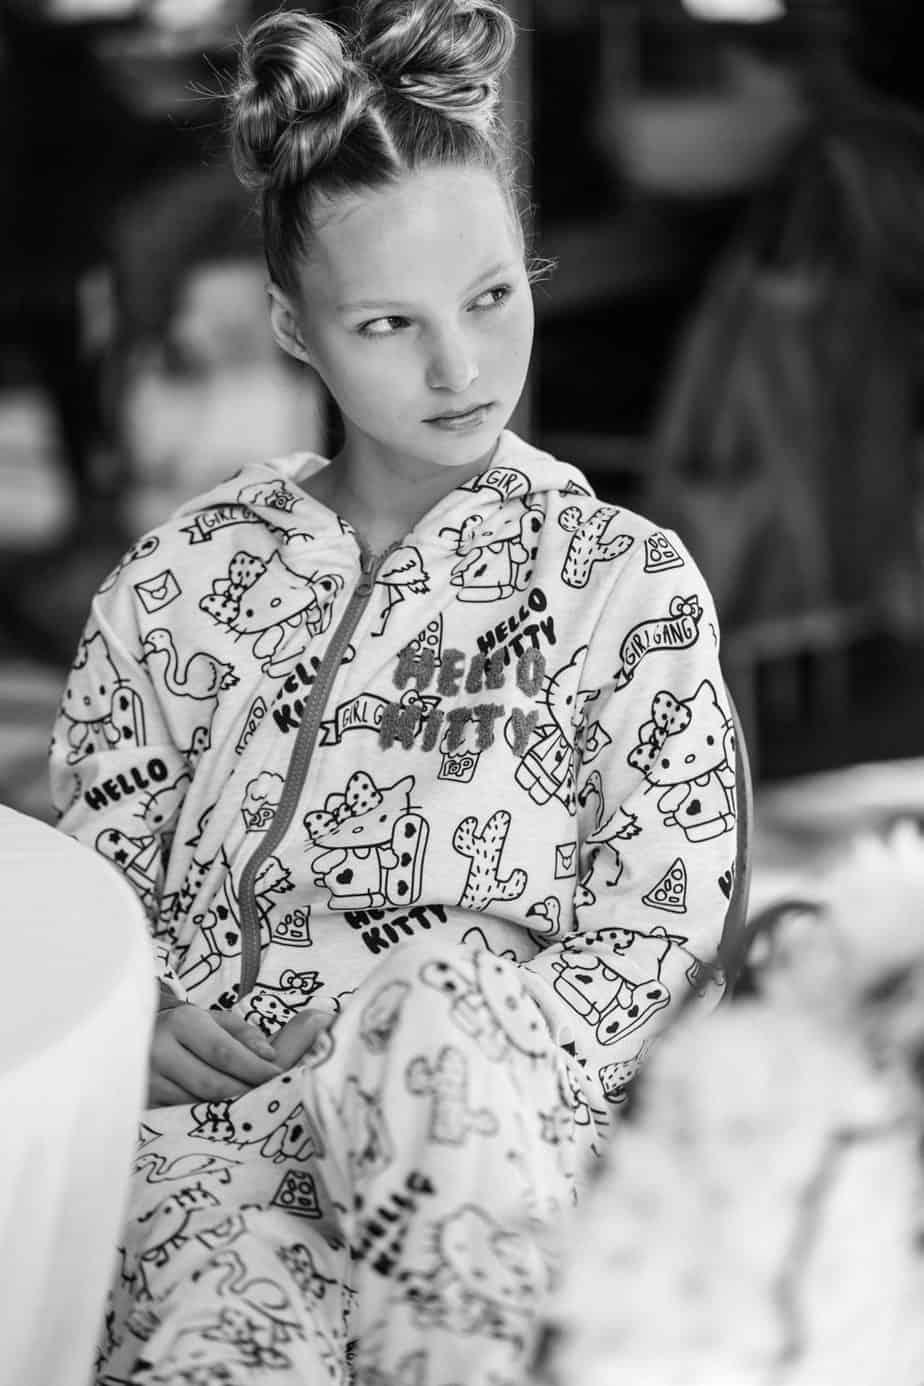 מיה שנירר. צילום: שלומית איציק, אופנה, חדשות אופנה, כתבות אופנה, Fashiom Magazine, Fashion, Efifo ,מגזין אופנה, מגזין אופנה ישראלי, מגזיני אופנה ישראלים